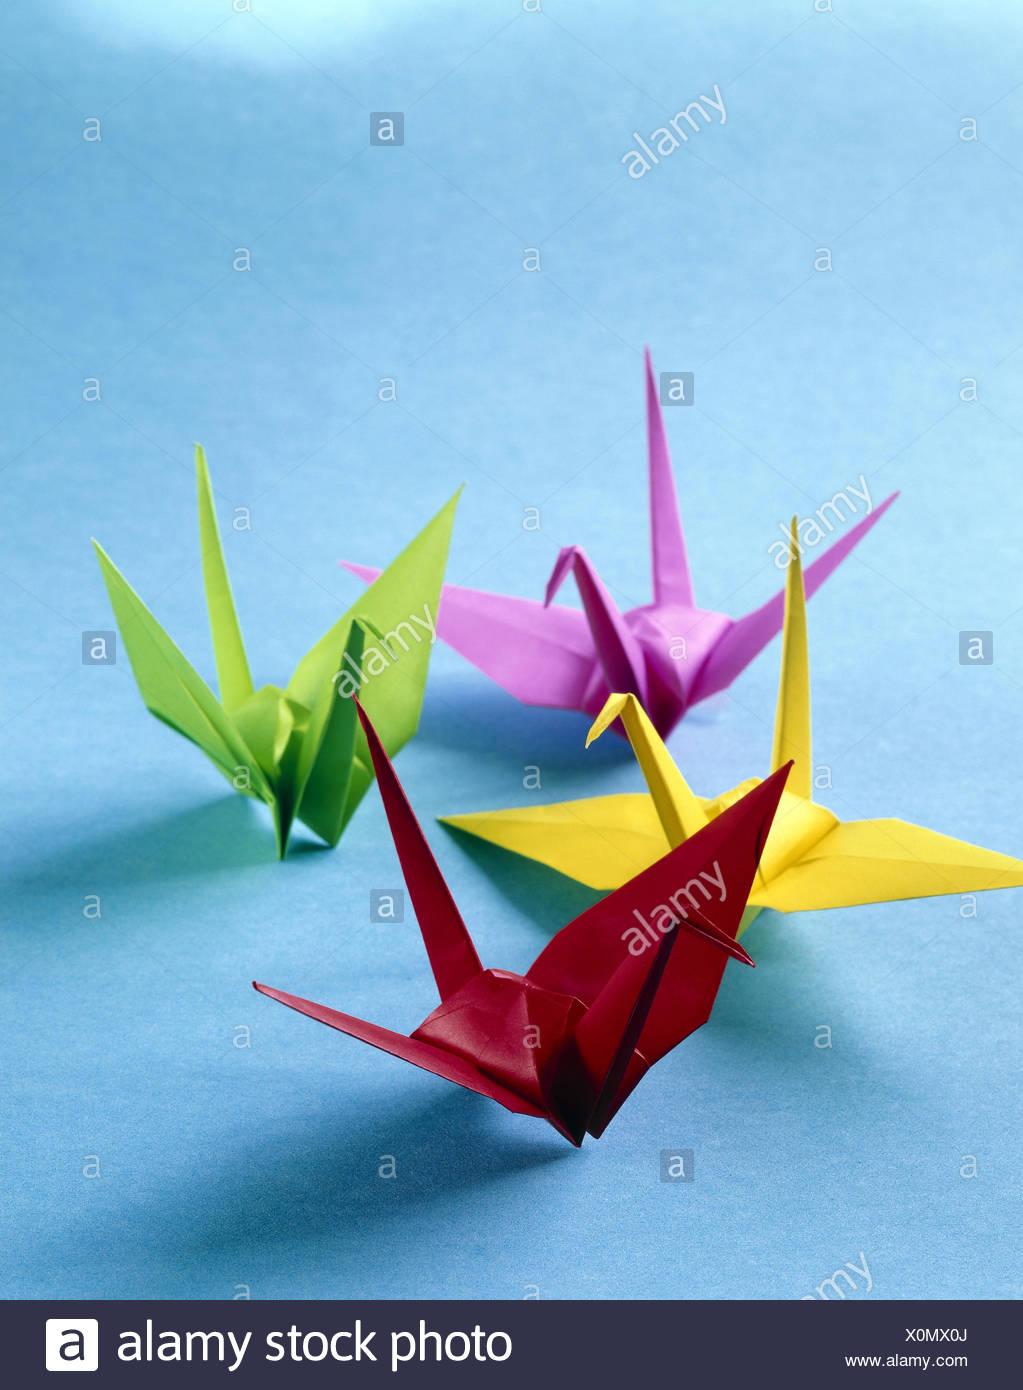 Origami Die Japanische Papierfalten Kunst Tiere Vögel Hell